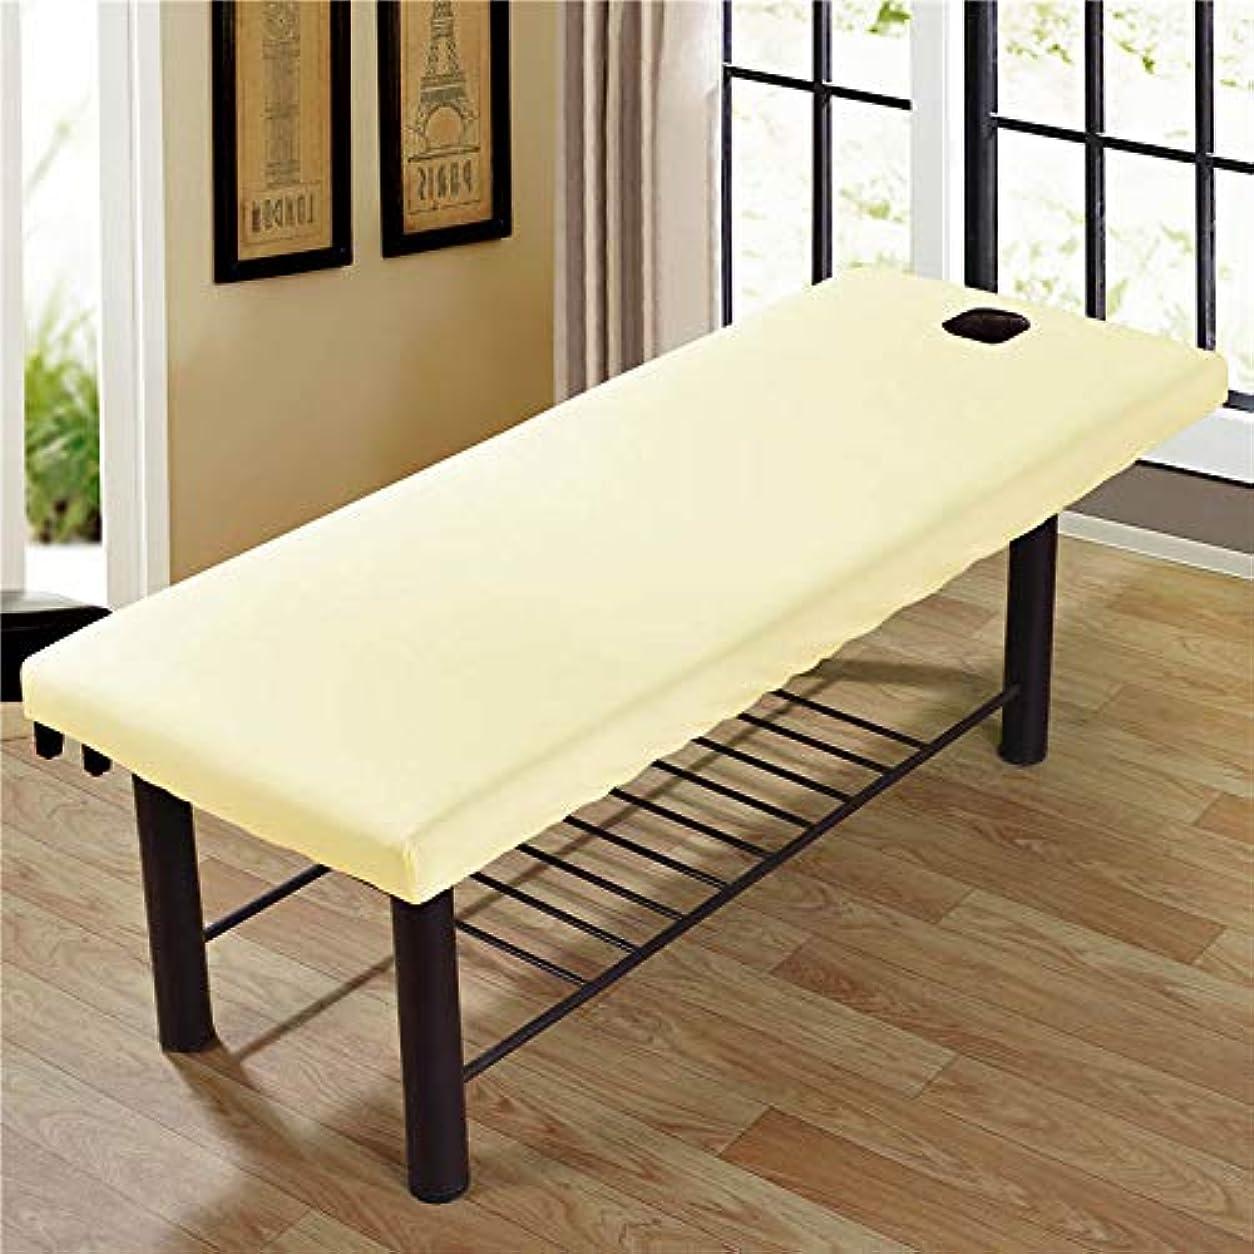 受取人メロドラマティック船形JanusSaja 美容院のマッサージ療法のベッドのための柔らかいSoliod色の長方形のマットレス